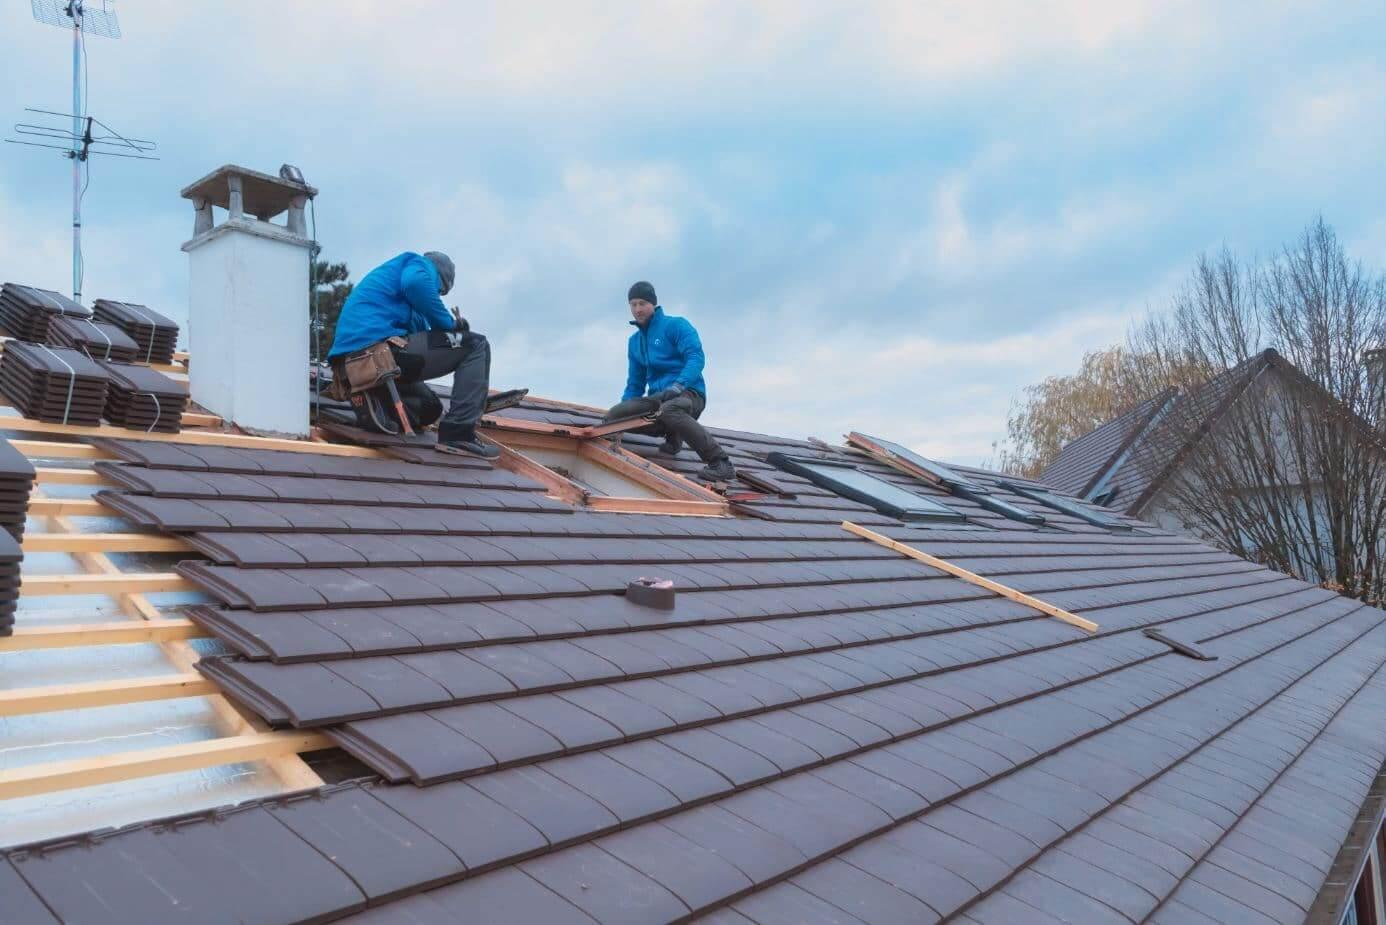 rénovation de toiture et isolation en sarking